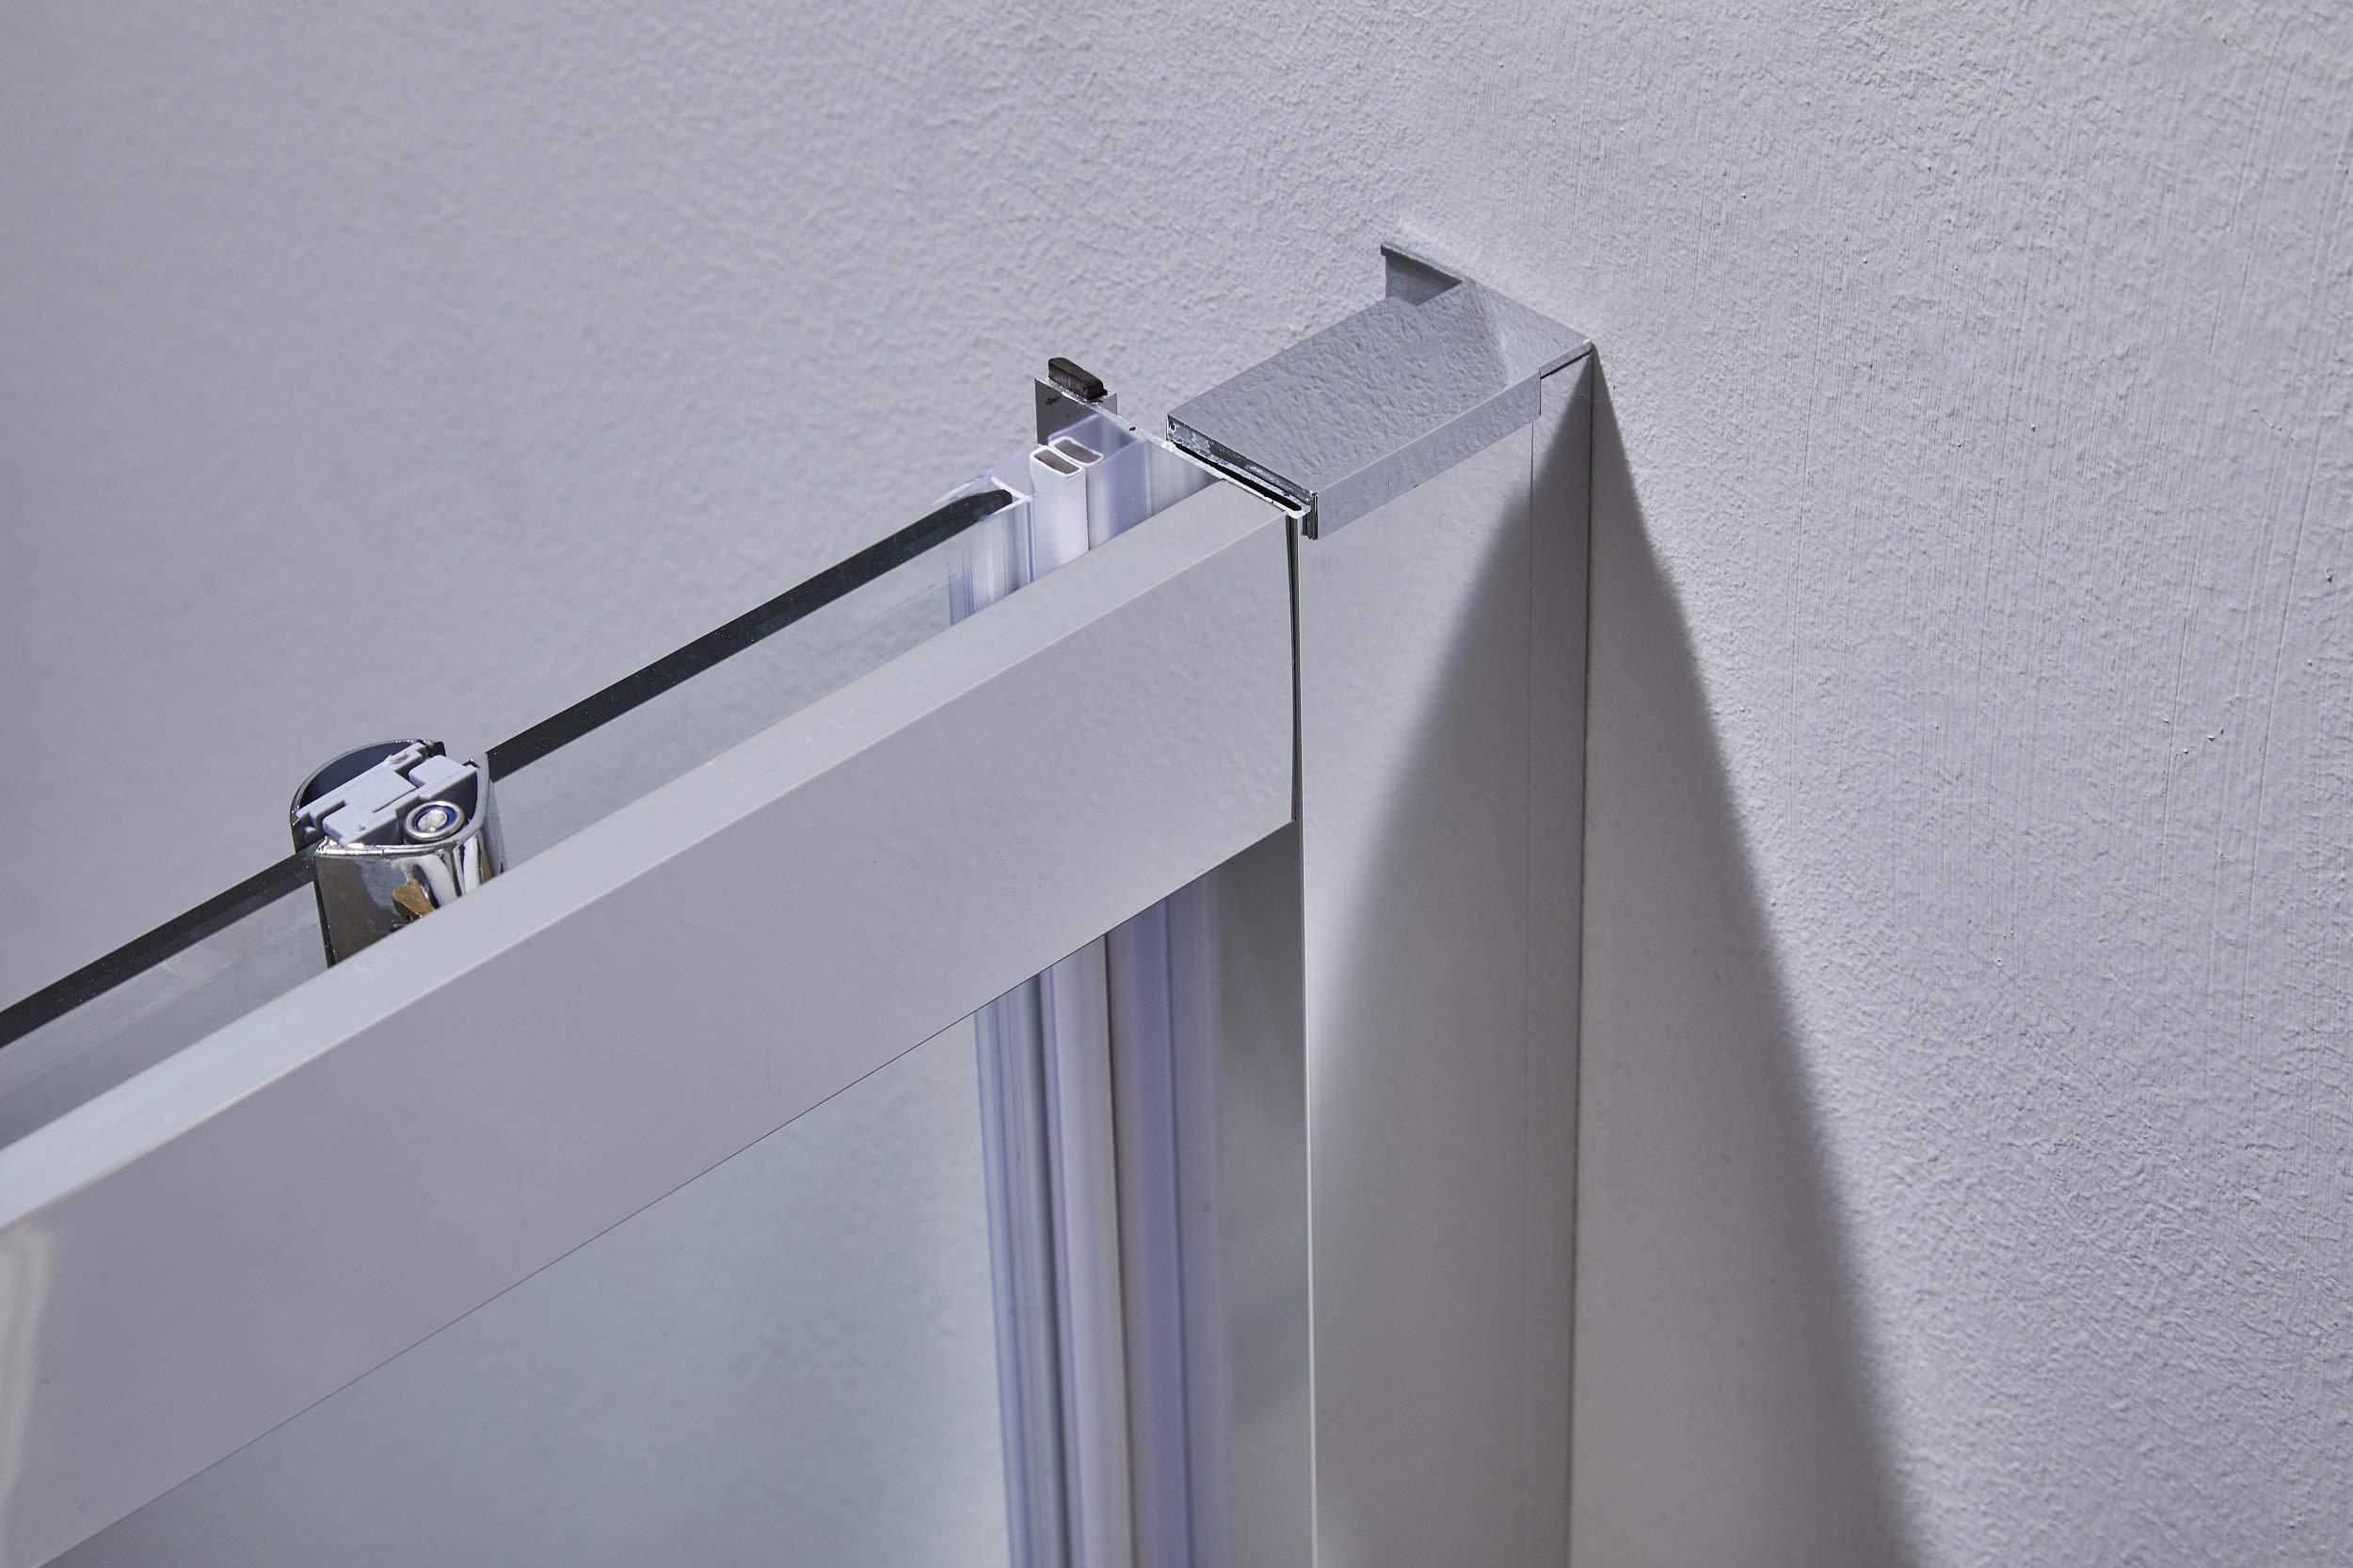 Puerta ducha deslizante Perfil de Aluminio Cromado Cristal Templado de 6 mm h.195: Amazon.es: Bricolaje y herramientas